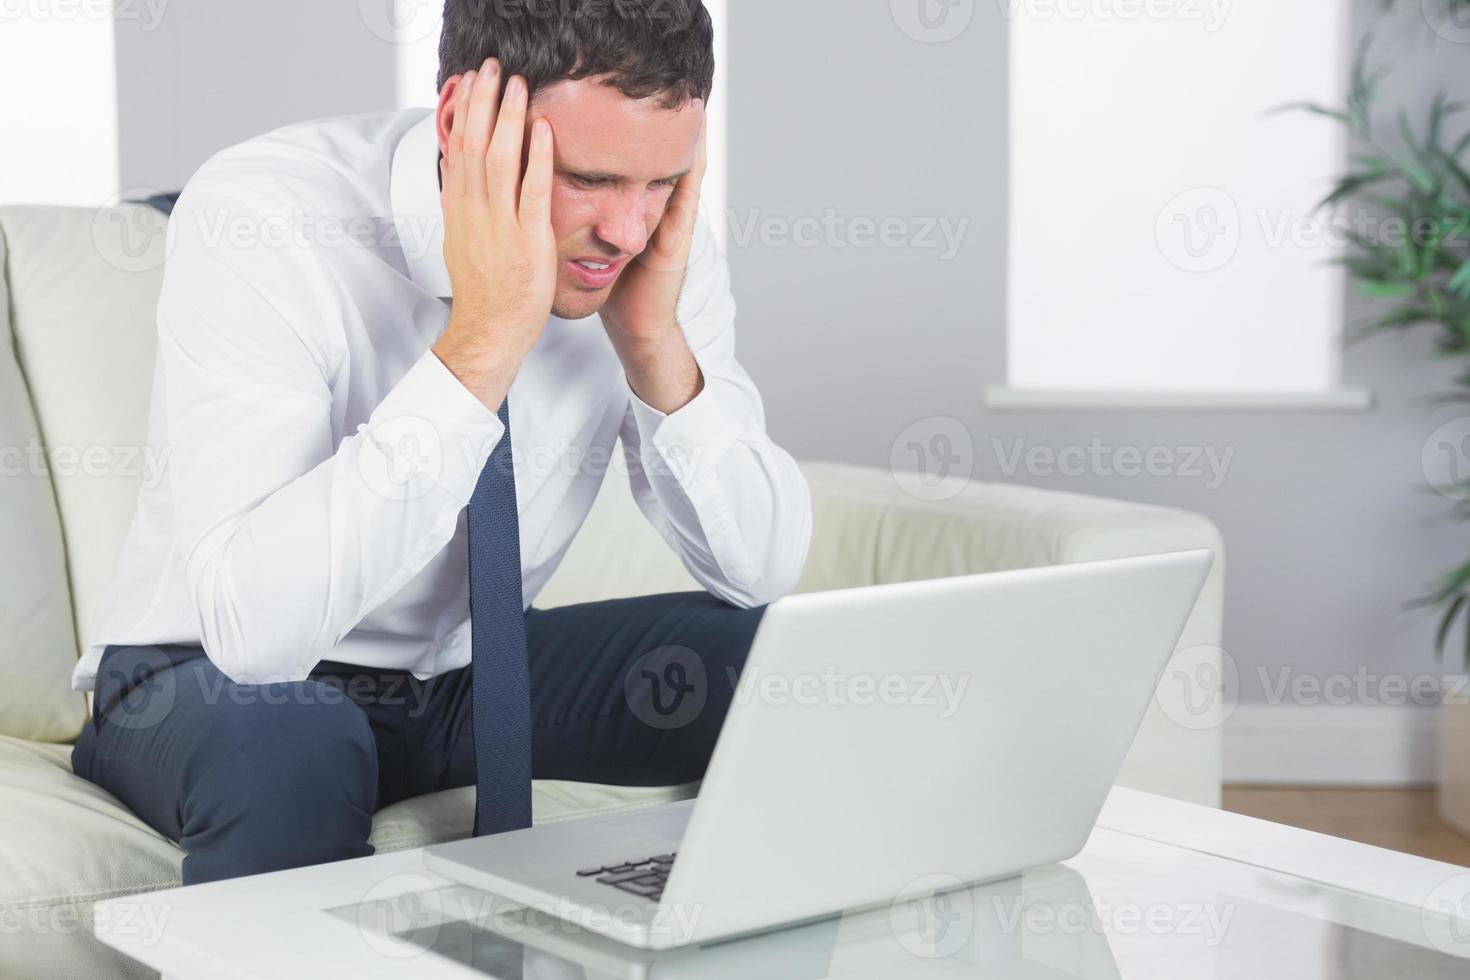 verärgerter gutaussehender Geschäftsmann, der Kopfschmerzen hat foto